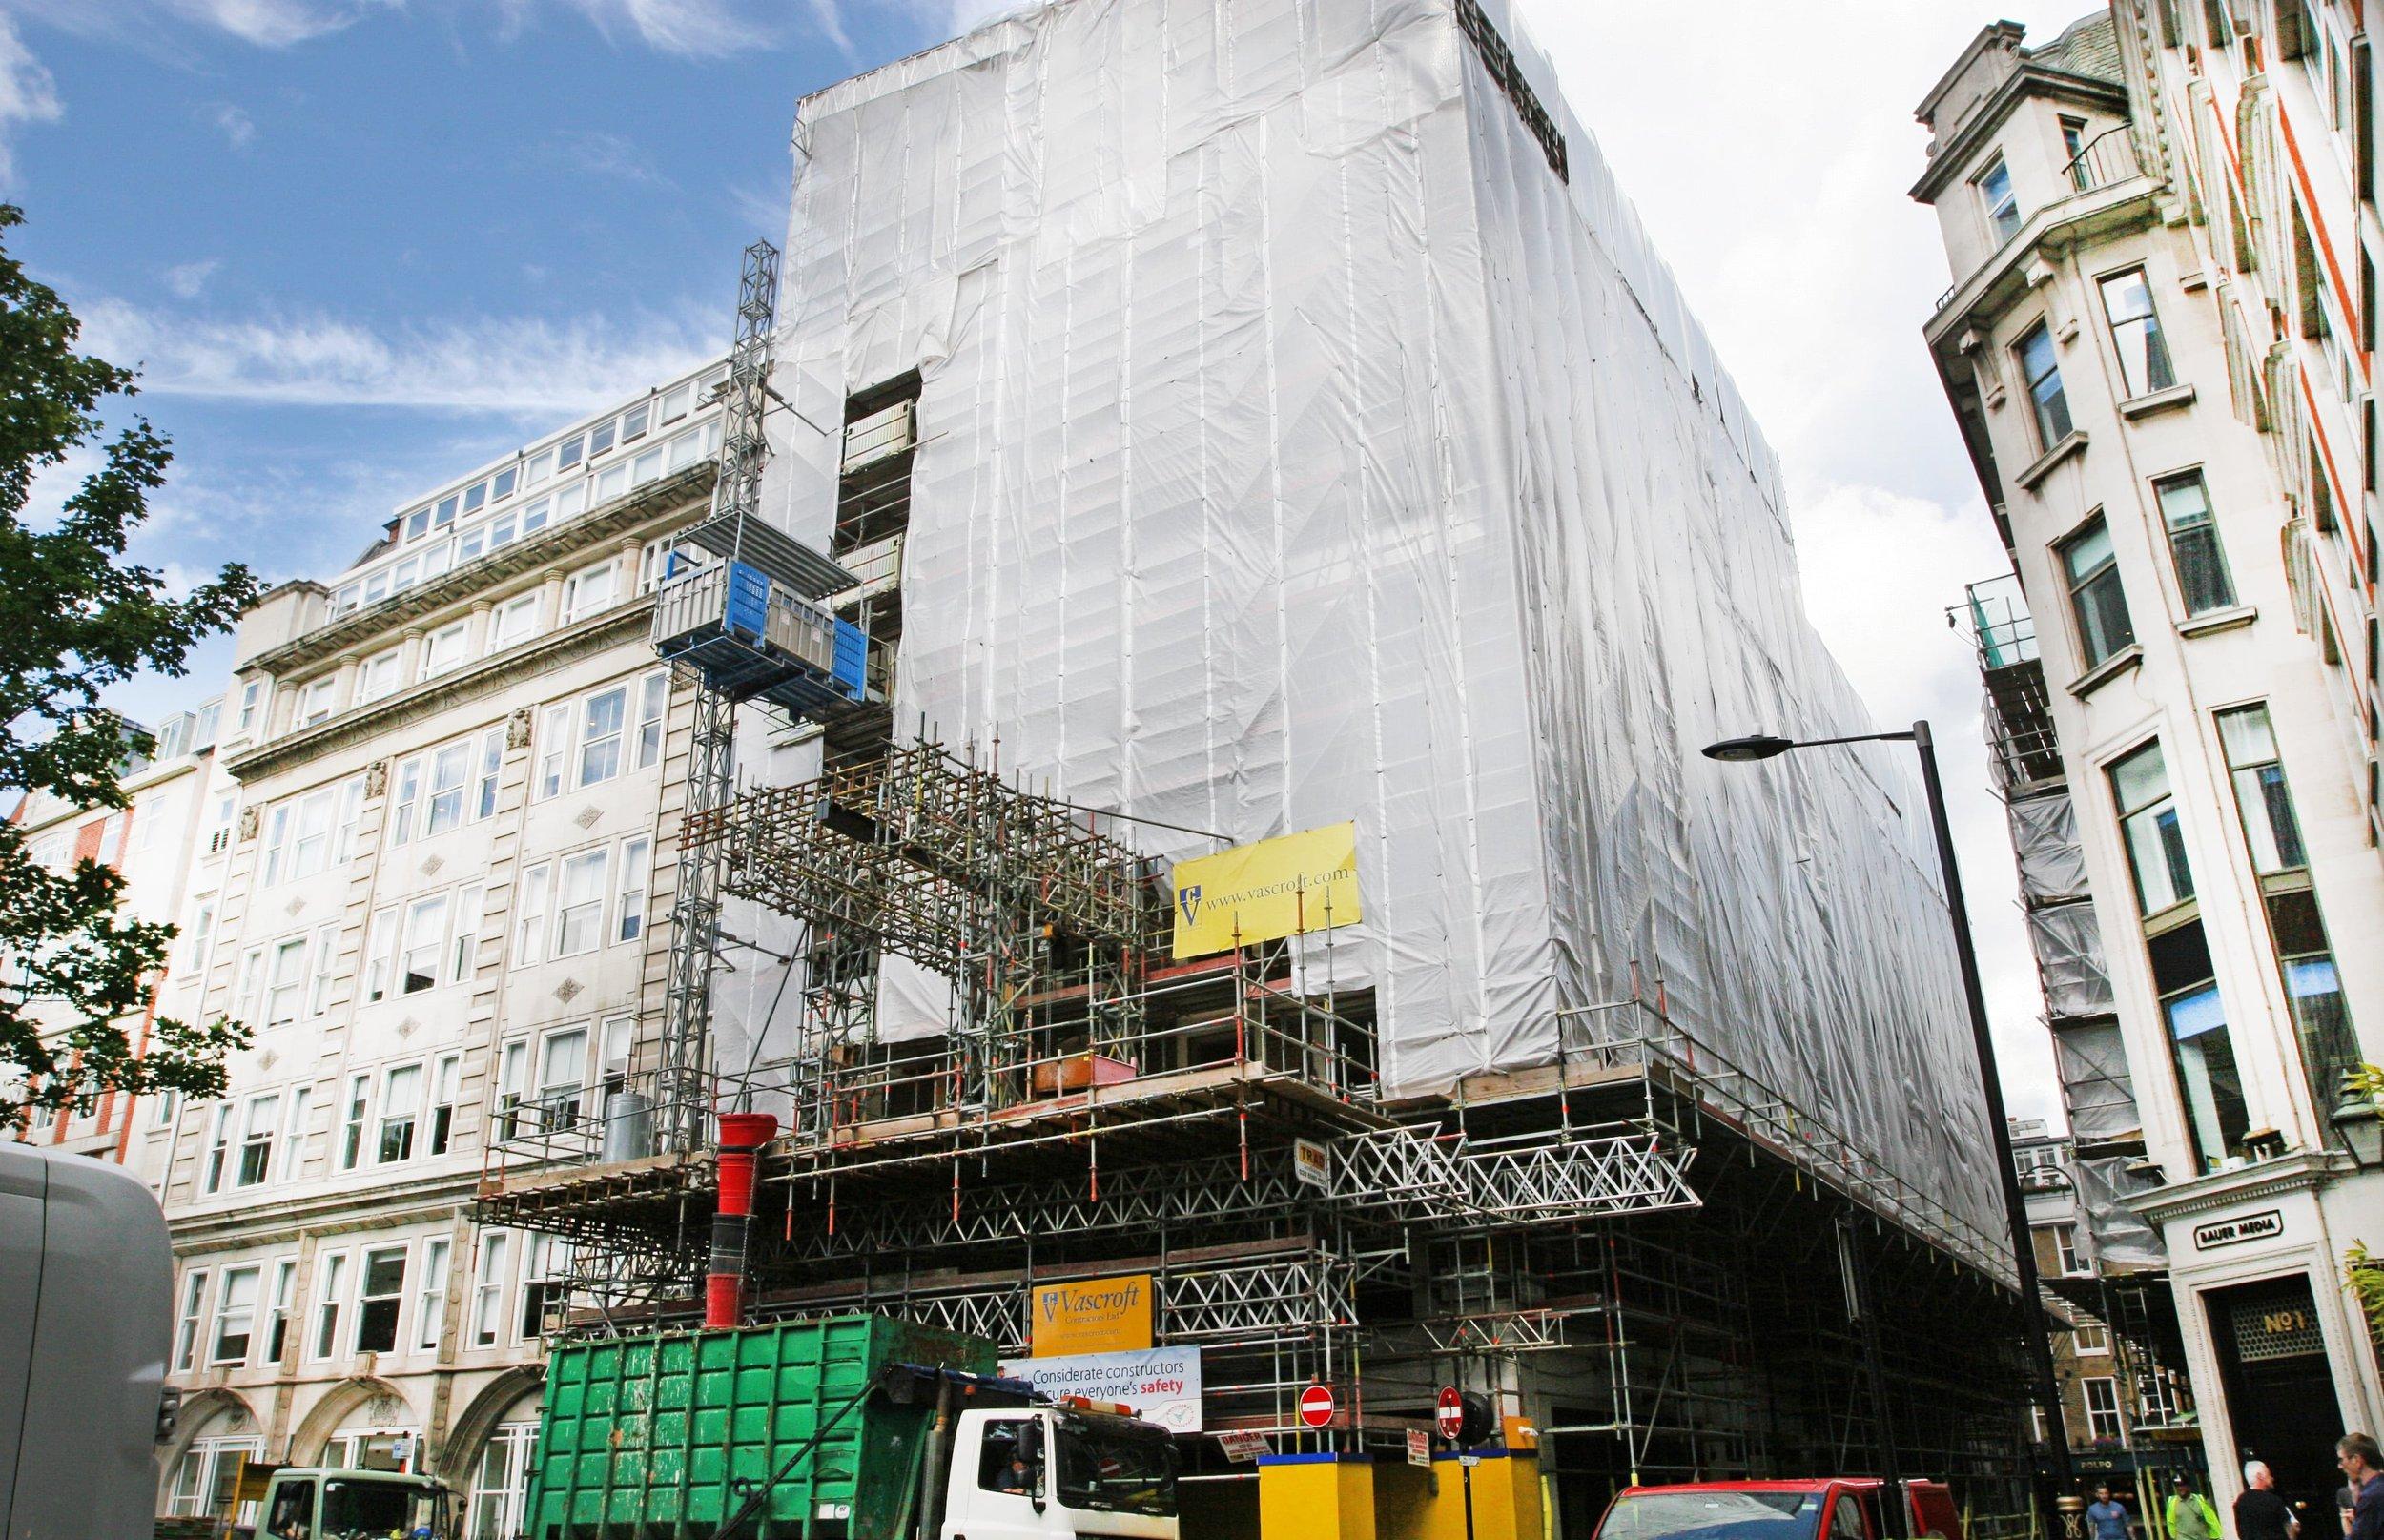 Scaffolding design for residentiial revelopment